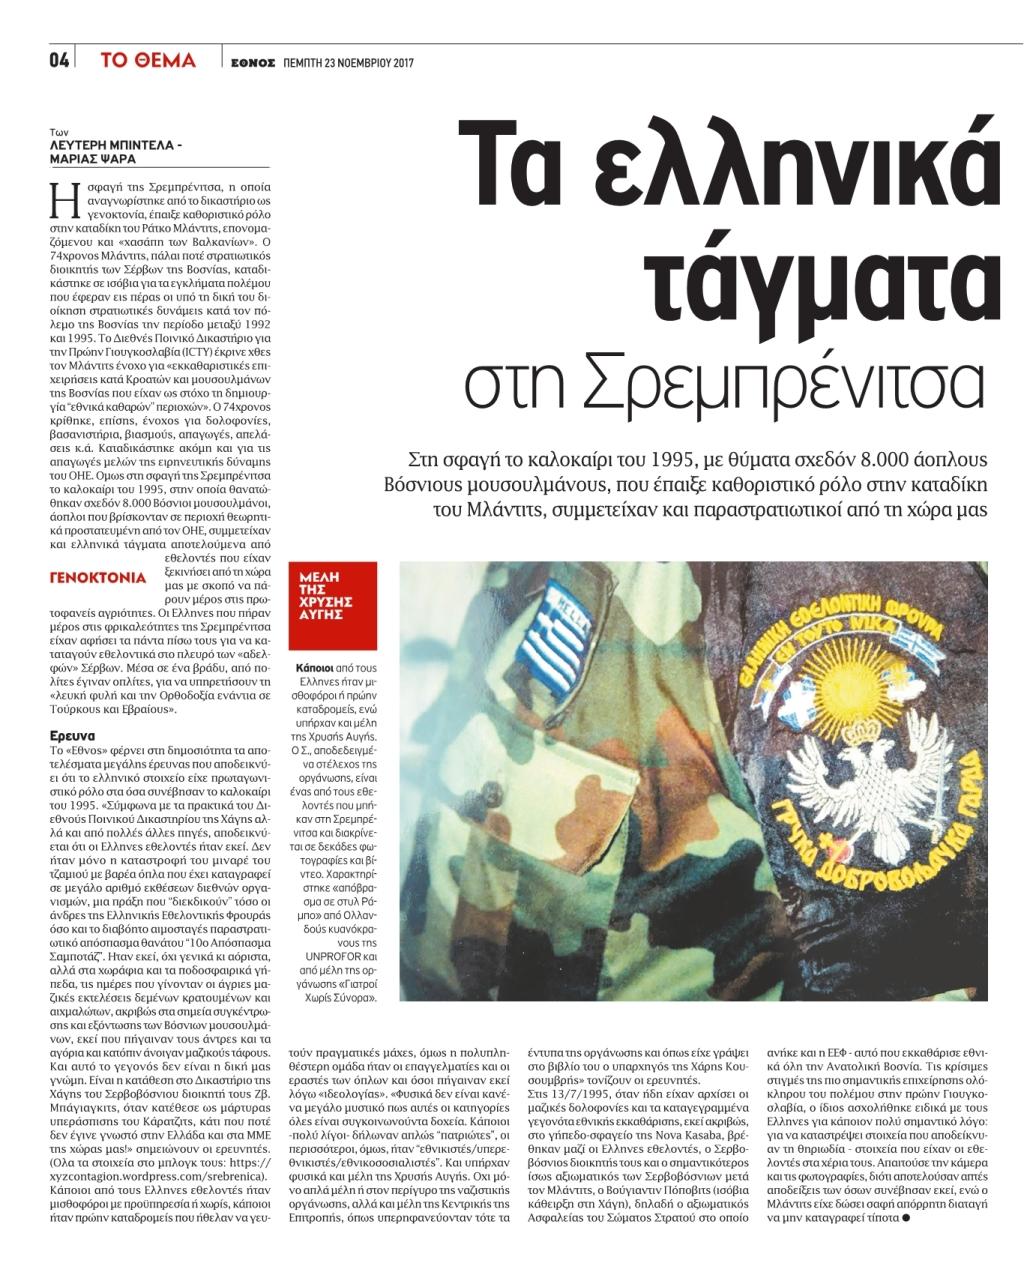 Μαρία Ψαρά & Λευτέρης Μπιντέλας, Τα ελληνικά τάγματα στη Σρεμπρένιτσα, Εθνος 23/11/2017